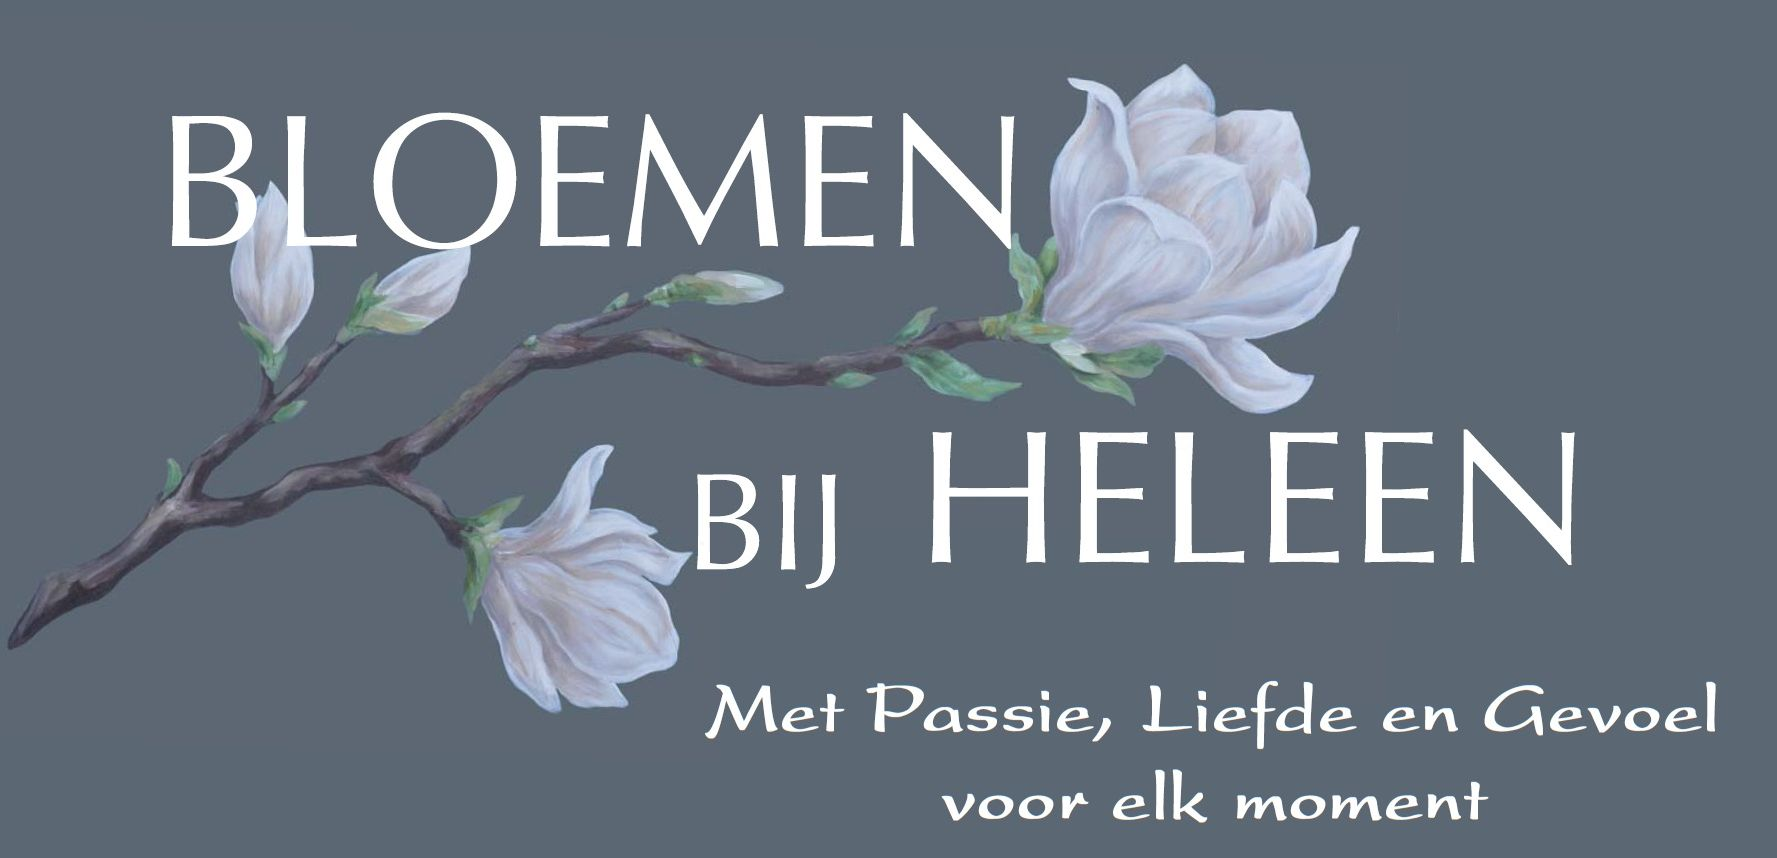 bloemen-bij-heleen-logo